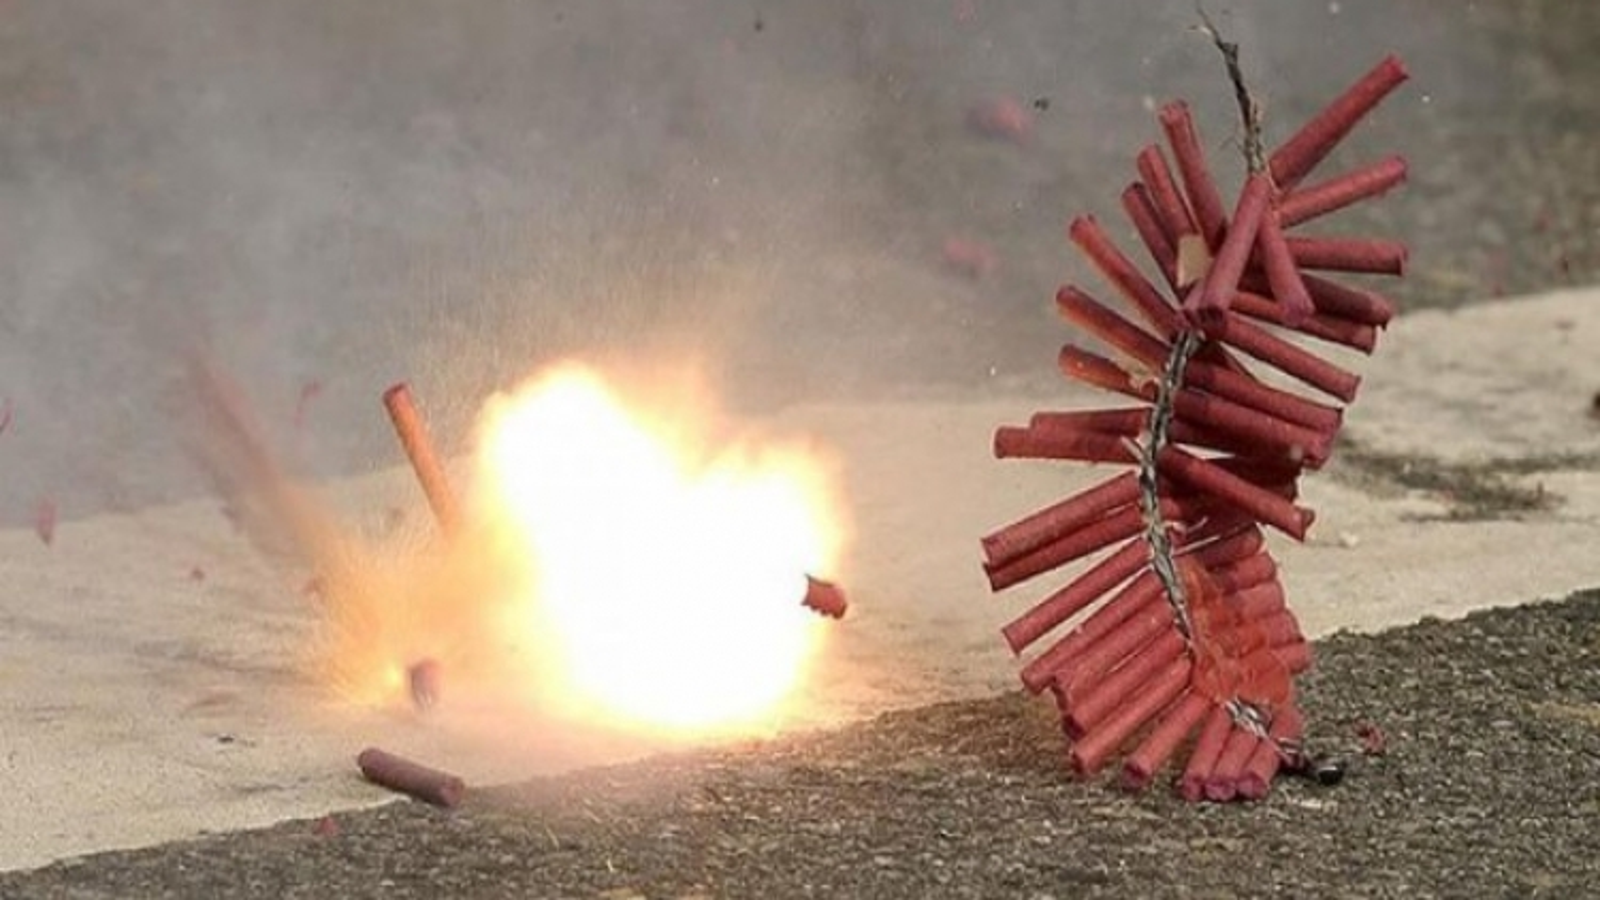 Liên tiếp tainạn thương tâmdo pháo nổtrong những ngày Tết Nguyên đán